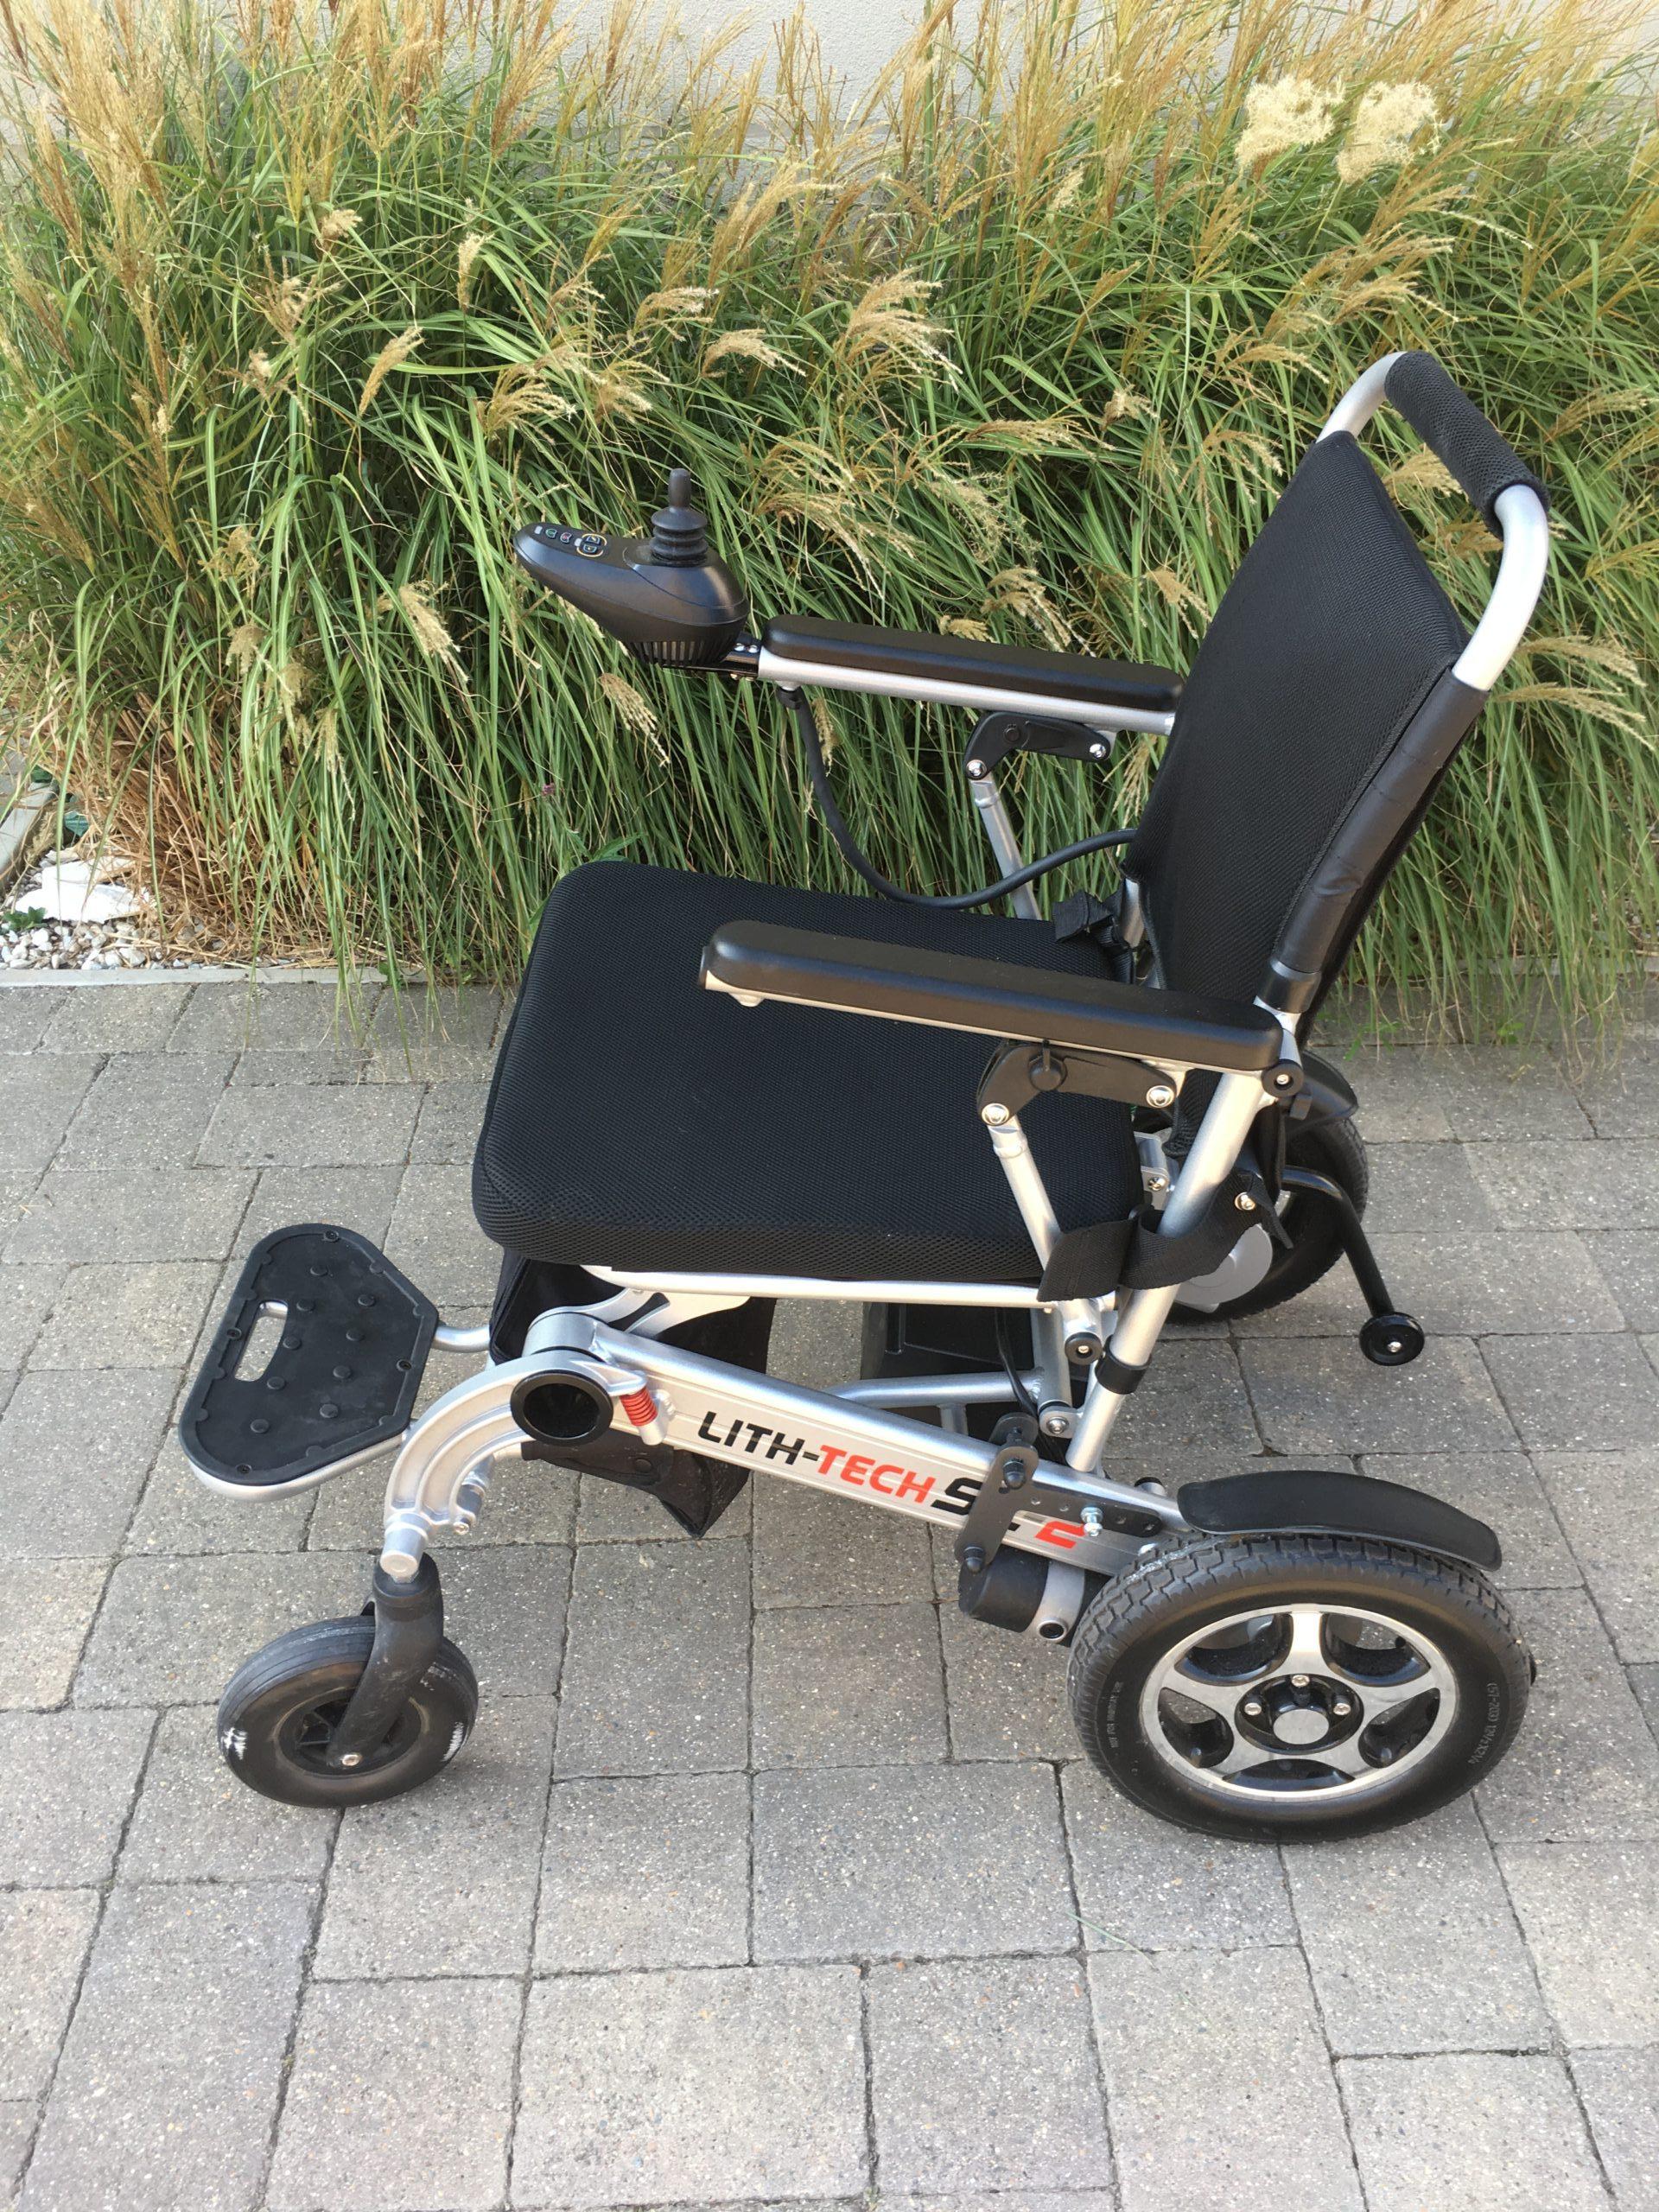 Lith-Tech Smart Chair 2 (Item 2003)